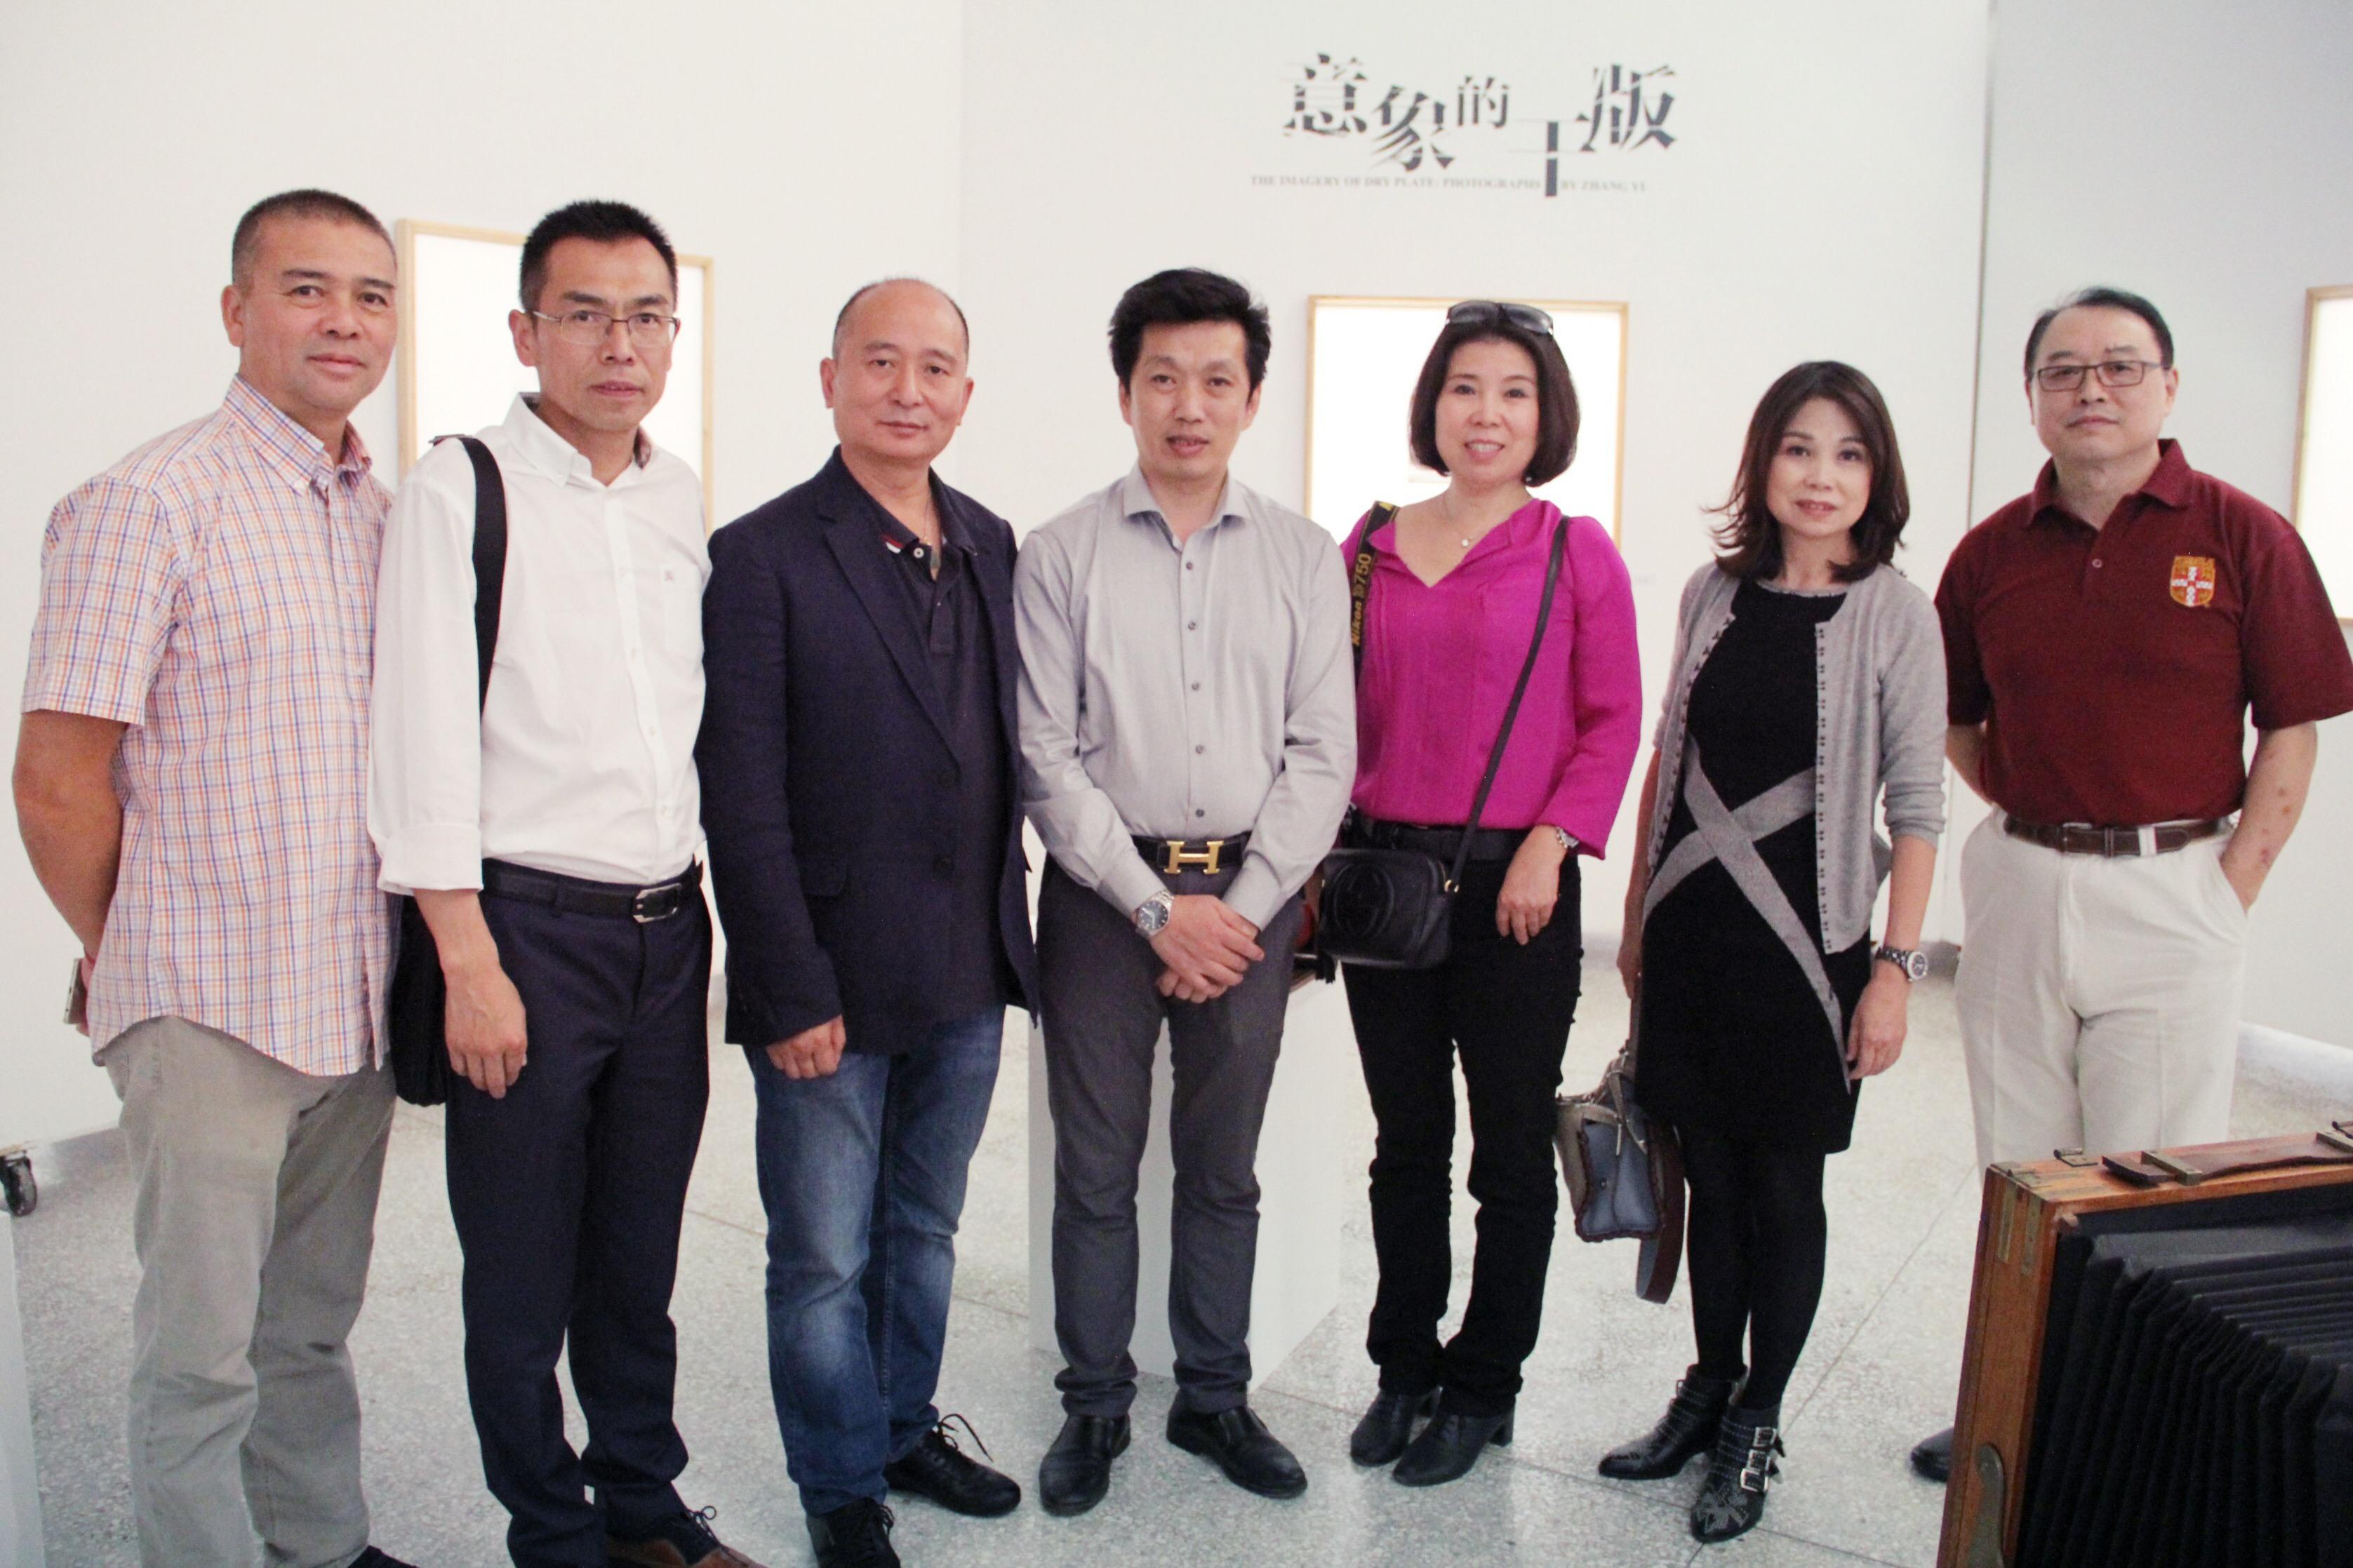 旅法华人干版摄影家章毅影像艺术展在京揭幕